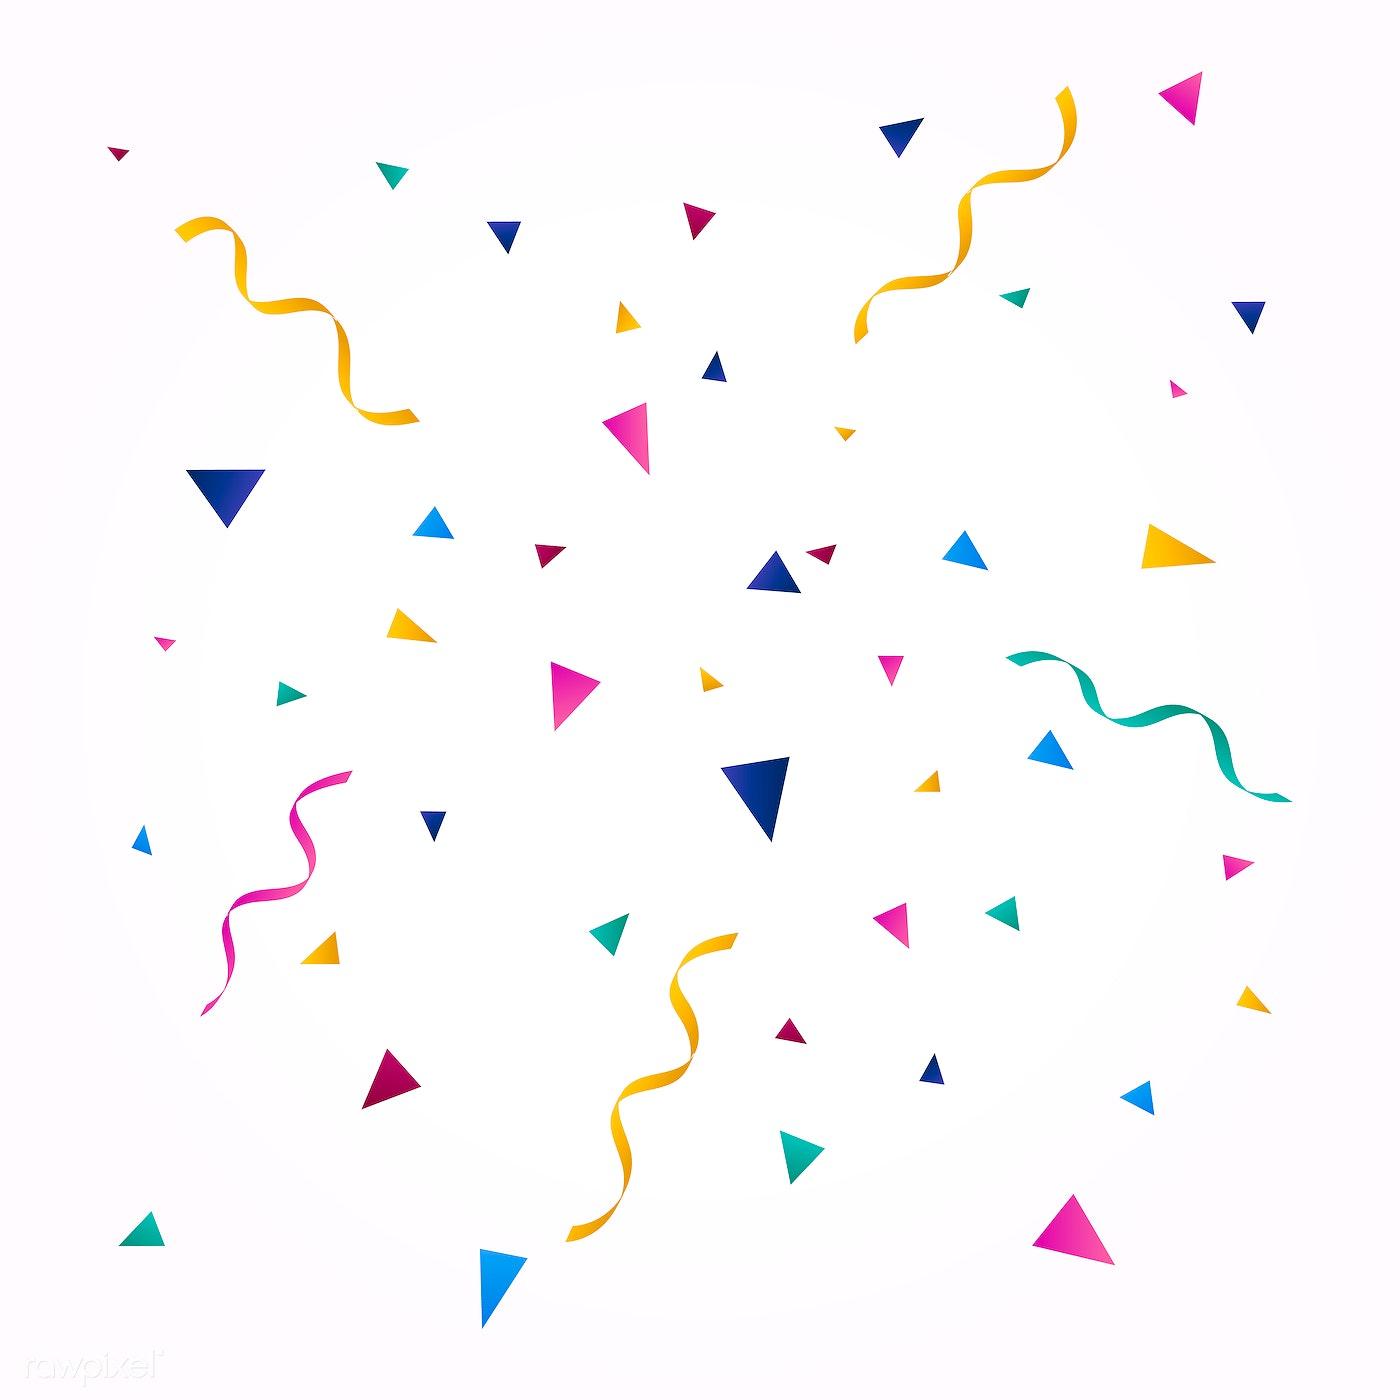 Download premium image of Colorful confetti wallpaper 6555